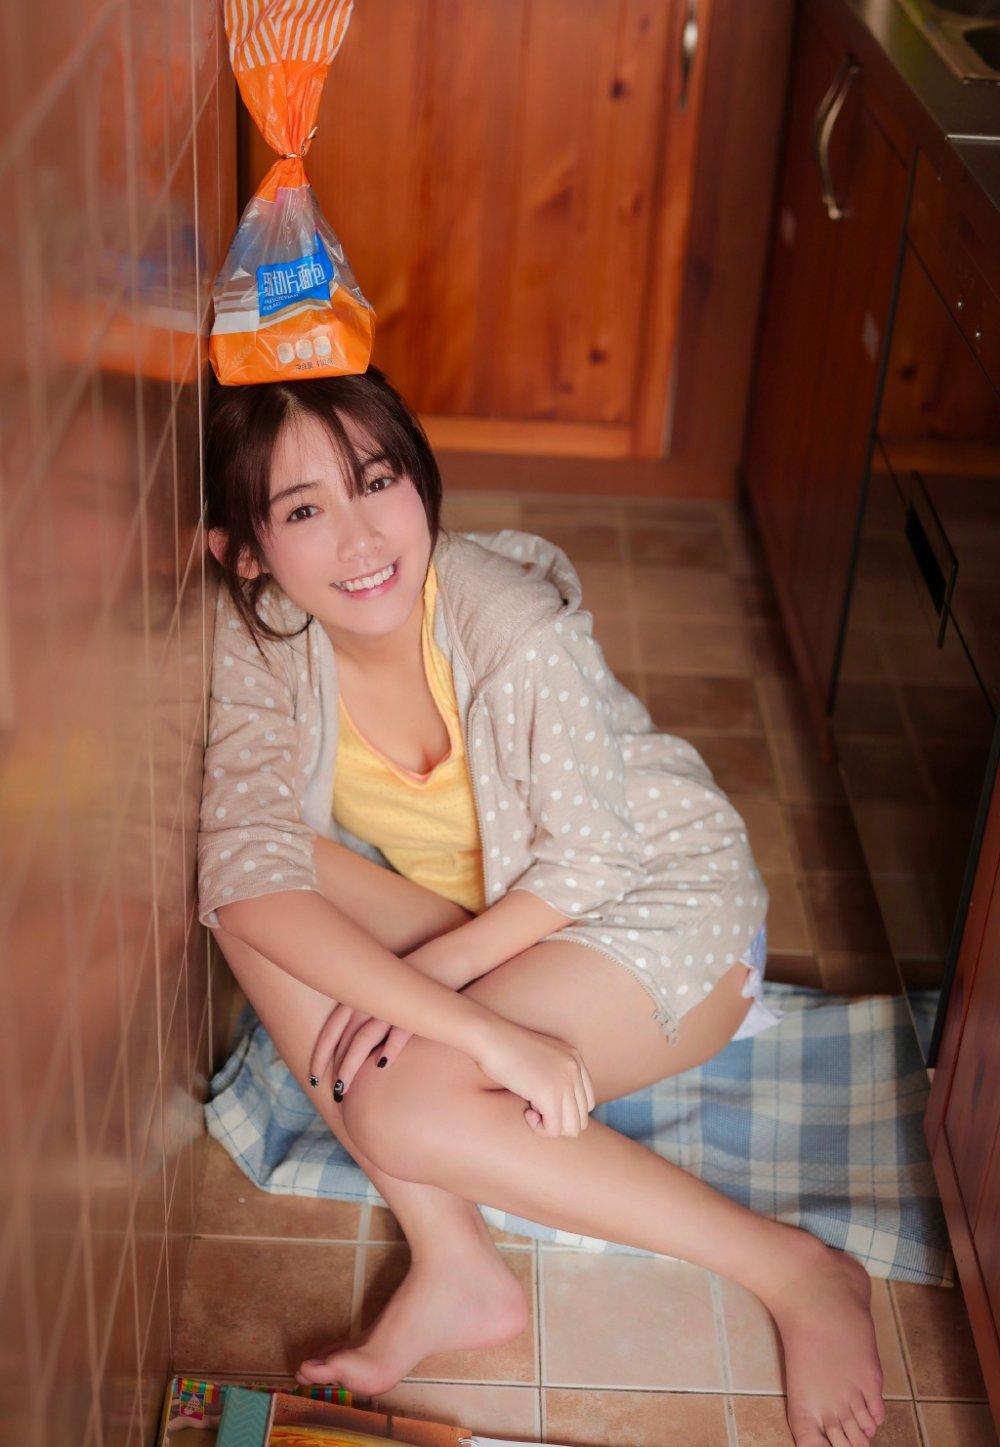 俏皮美少女厨艺居家写真